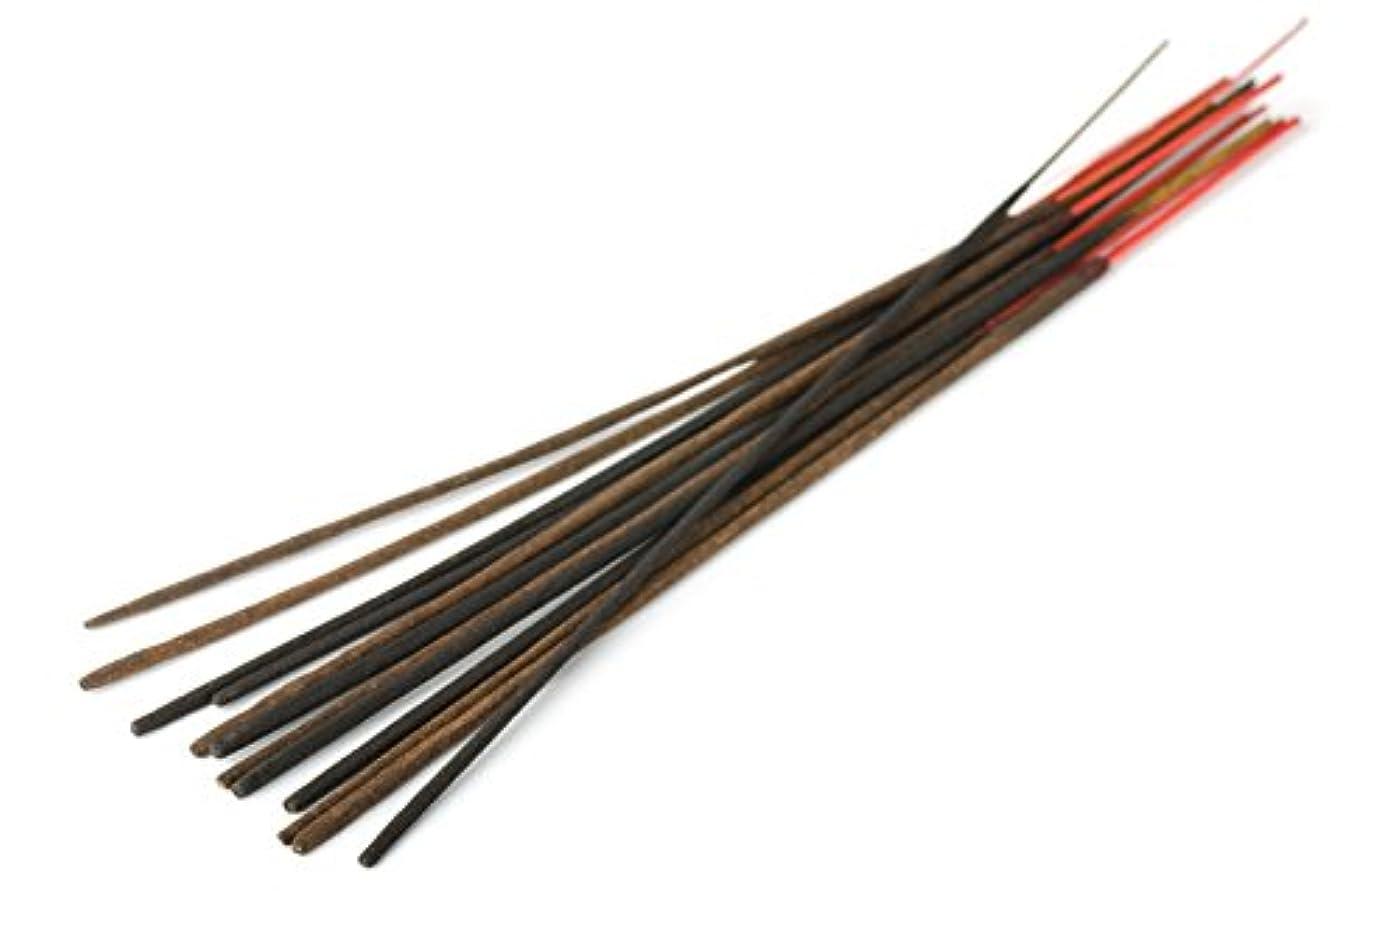 どういたしまして飼料スペクトラムプレミアムハンドメイドMuscadine ( Grape ) Incense Stickバンドル – 90 to 100 Sticks Perバンドル – 各スティックは11.5インチ、には滑らかなクリーンBurn